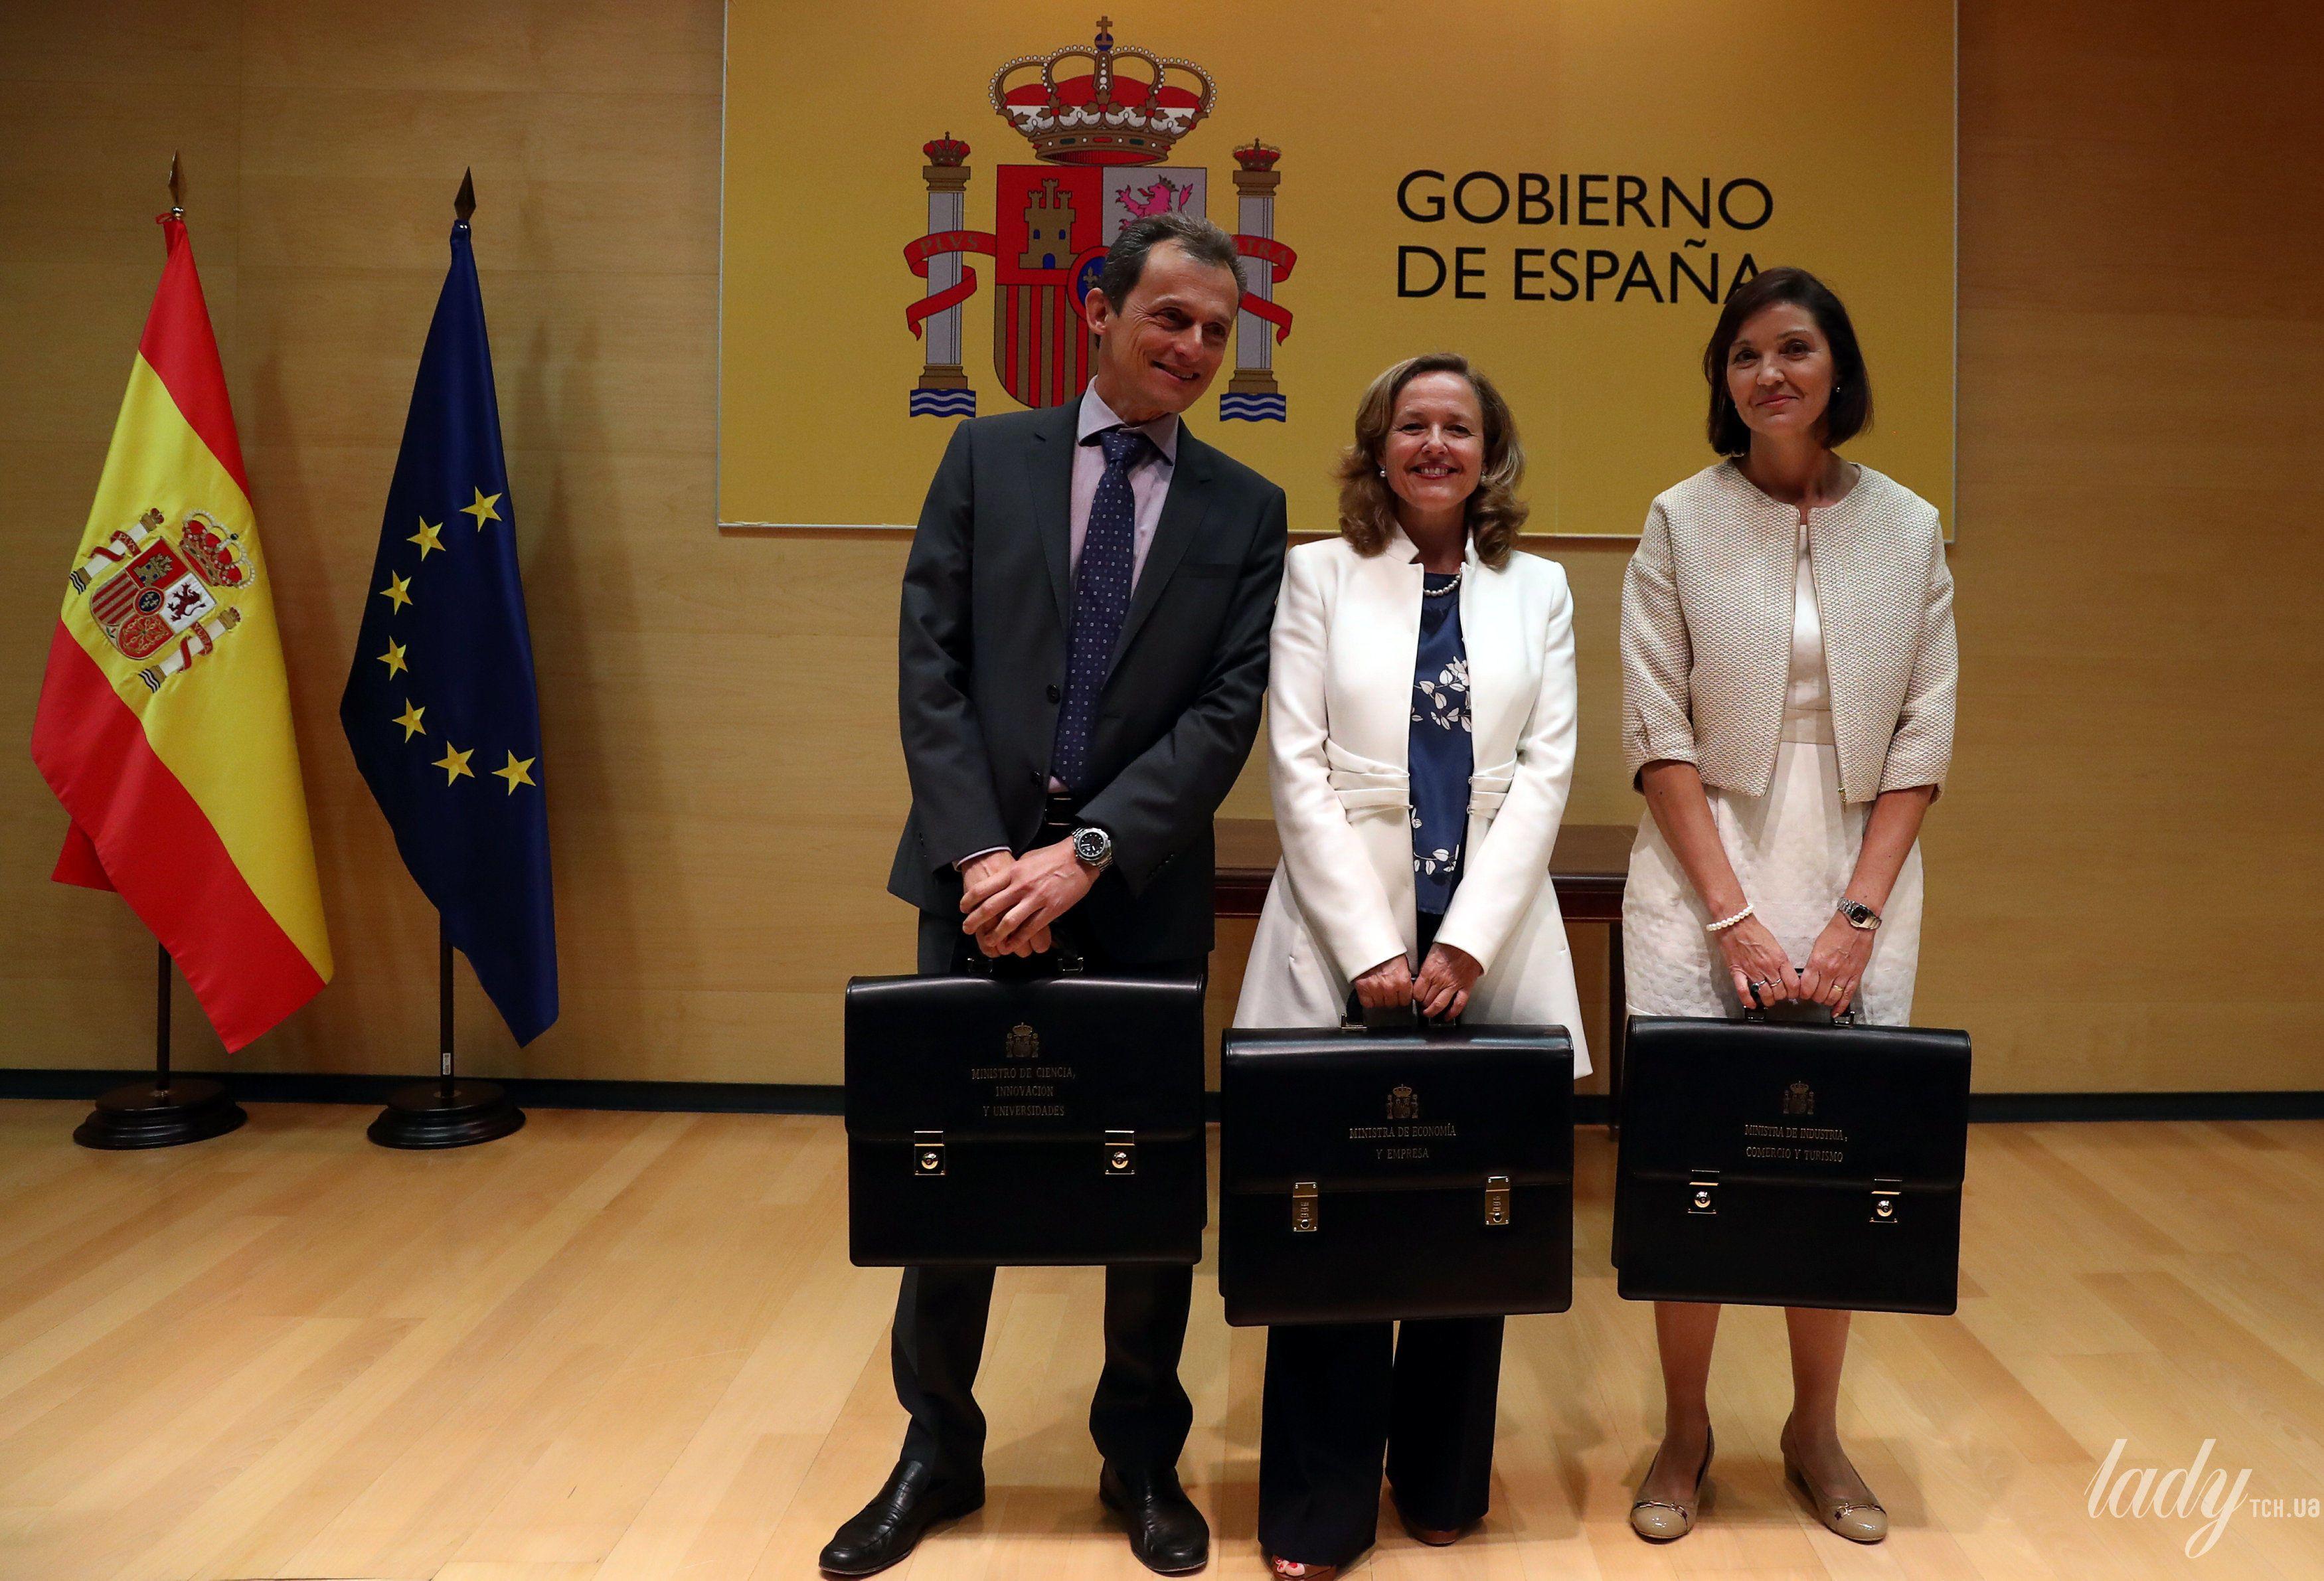 Правительство Испании_3